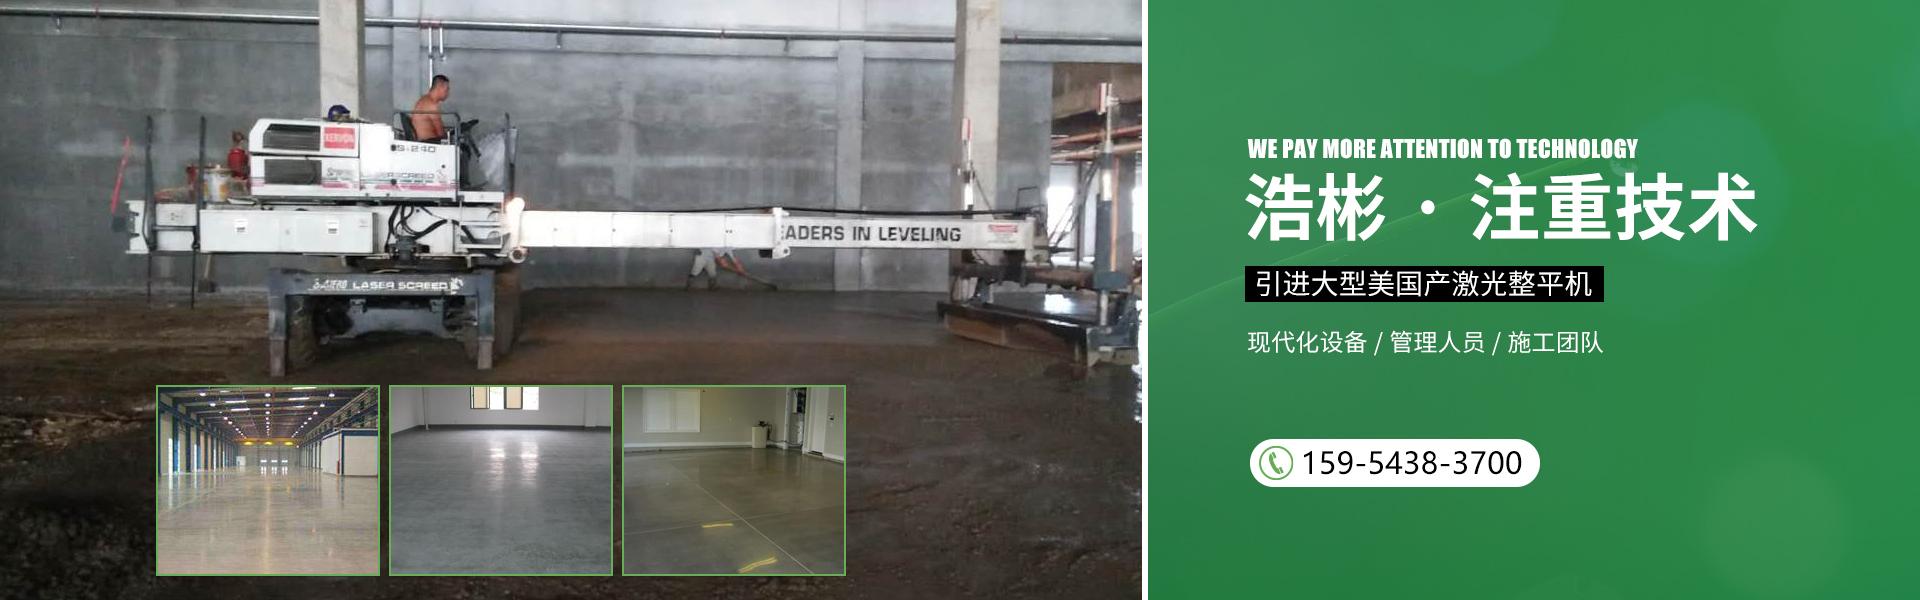 临沂环氧地坪,山东金刚砂耐磨地坪,超平地坪,山东固化剂地坪